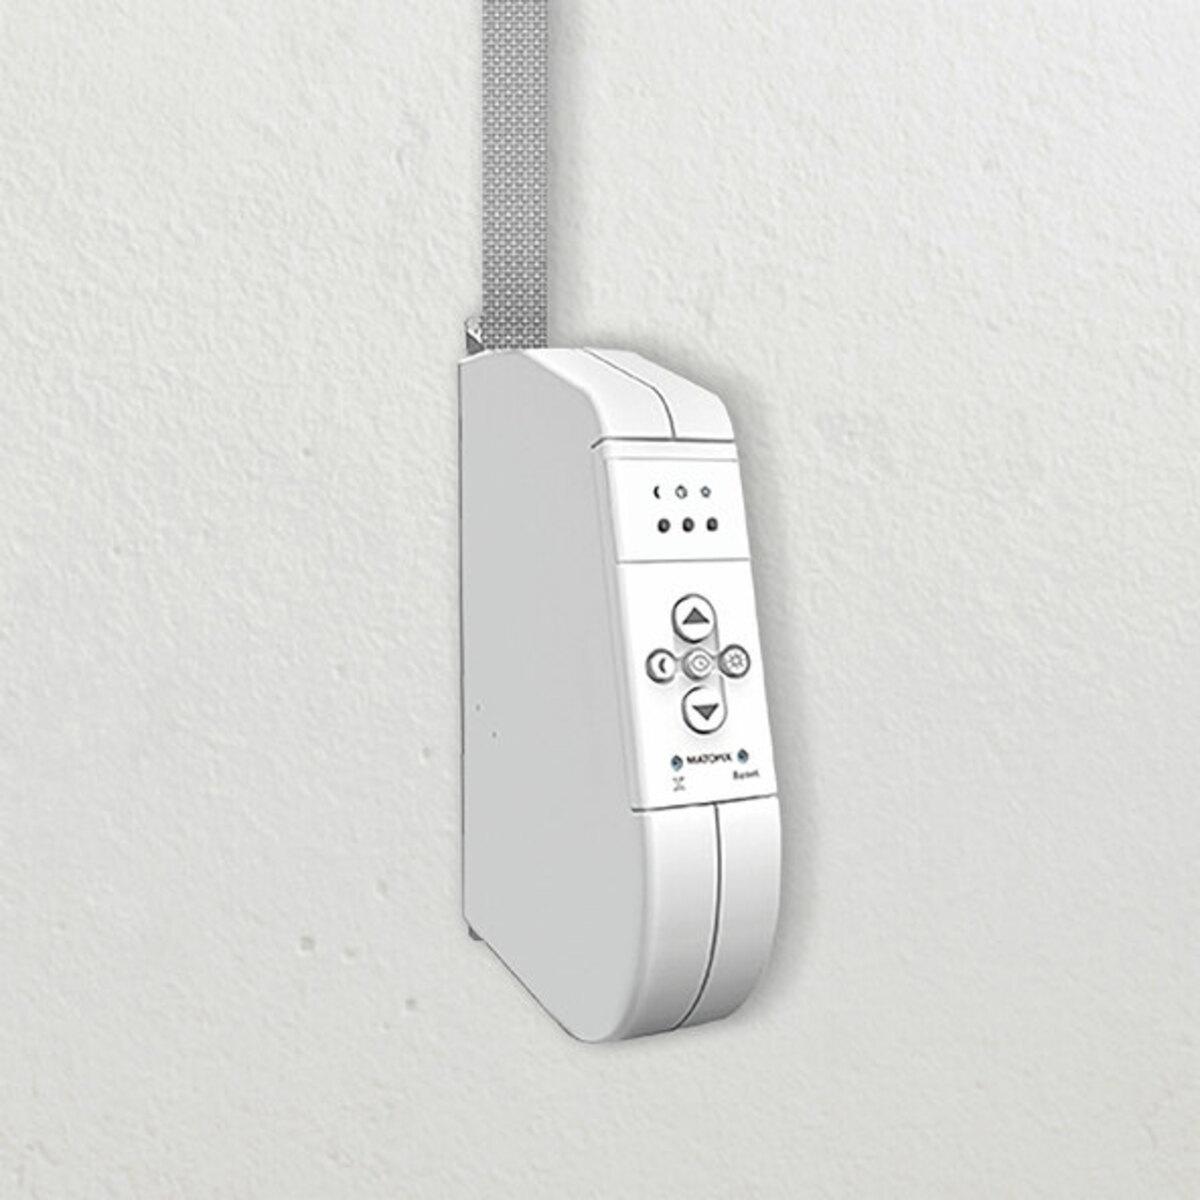 Bild 1 von Elektrischer Gurtwickler MATOFIX, schwenkbar